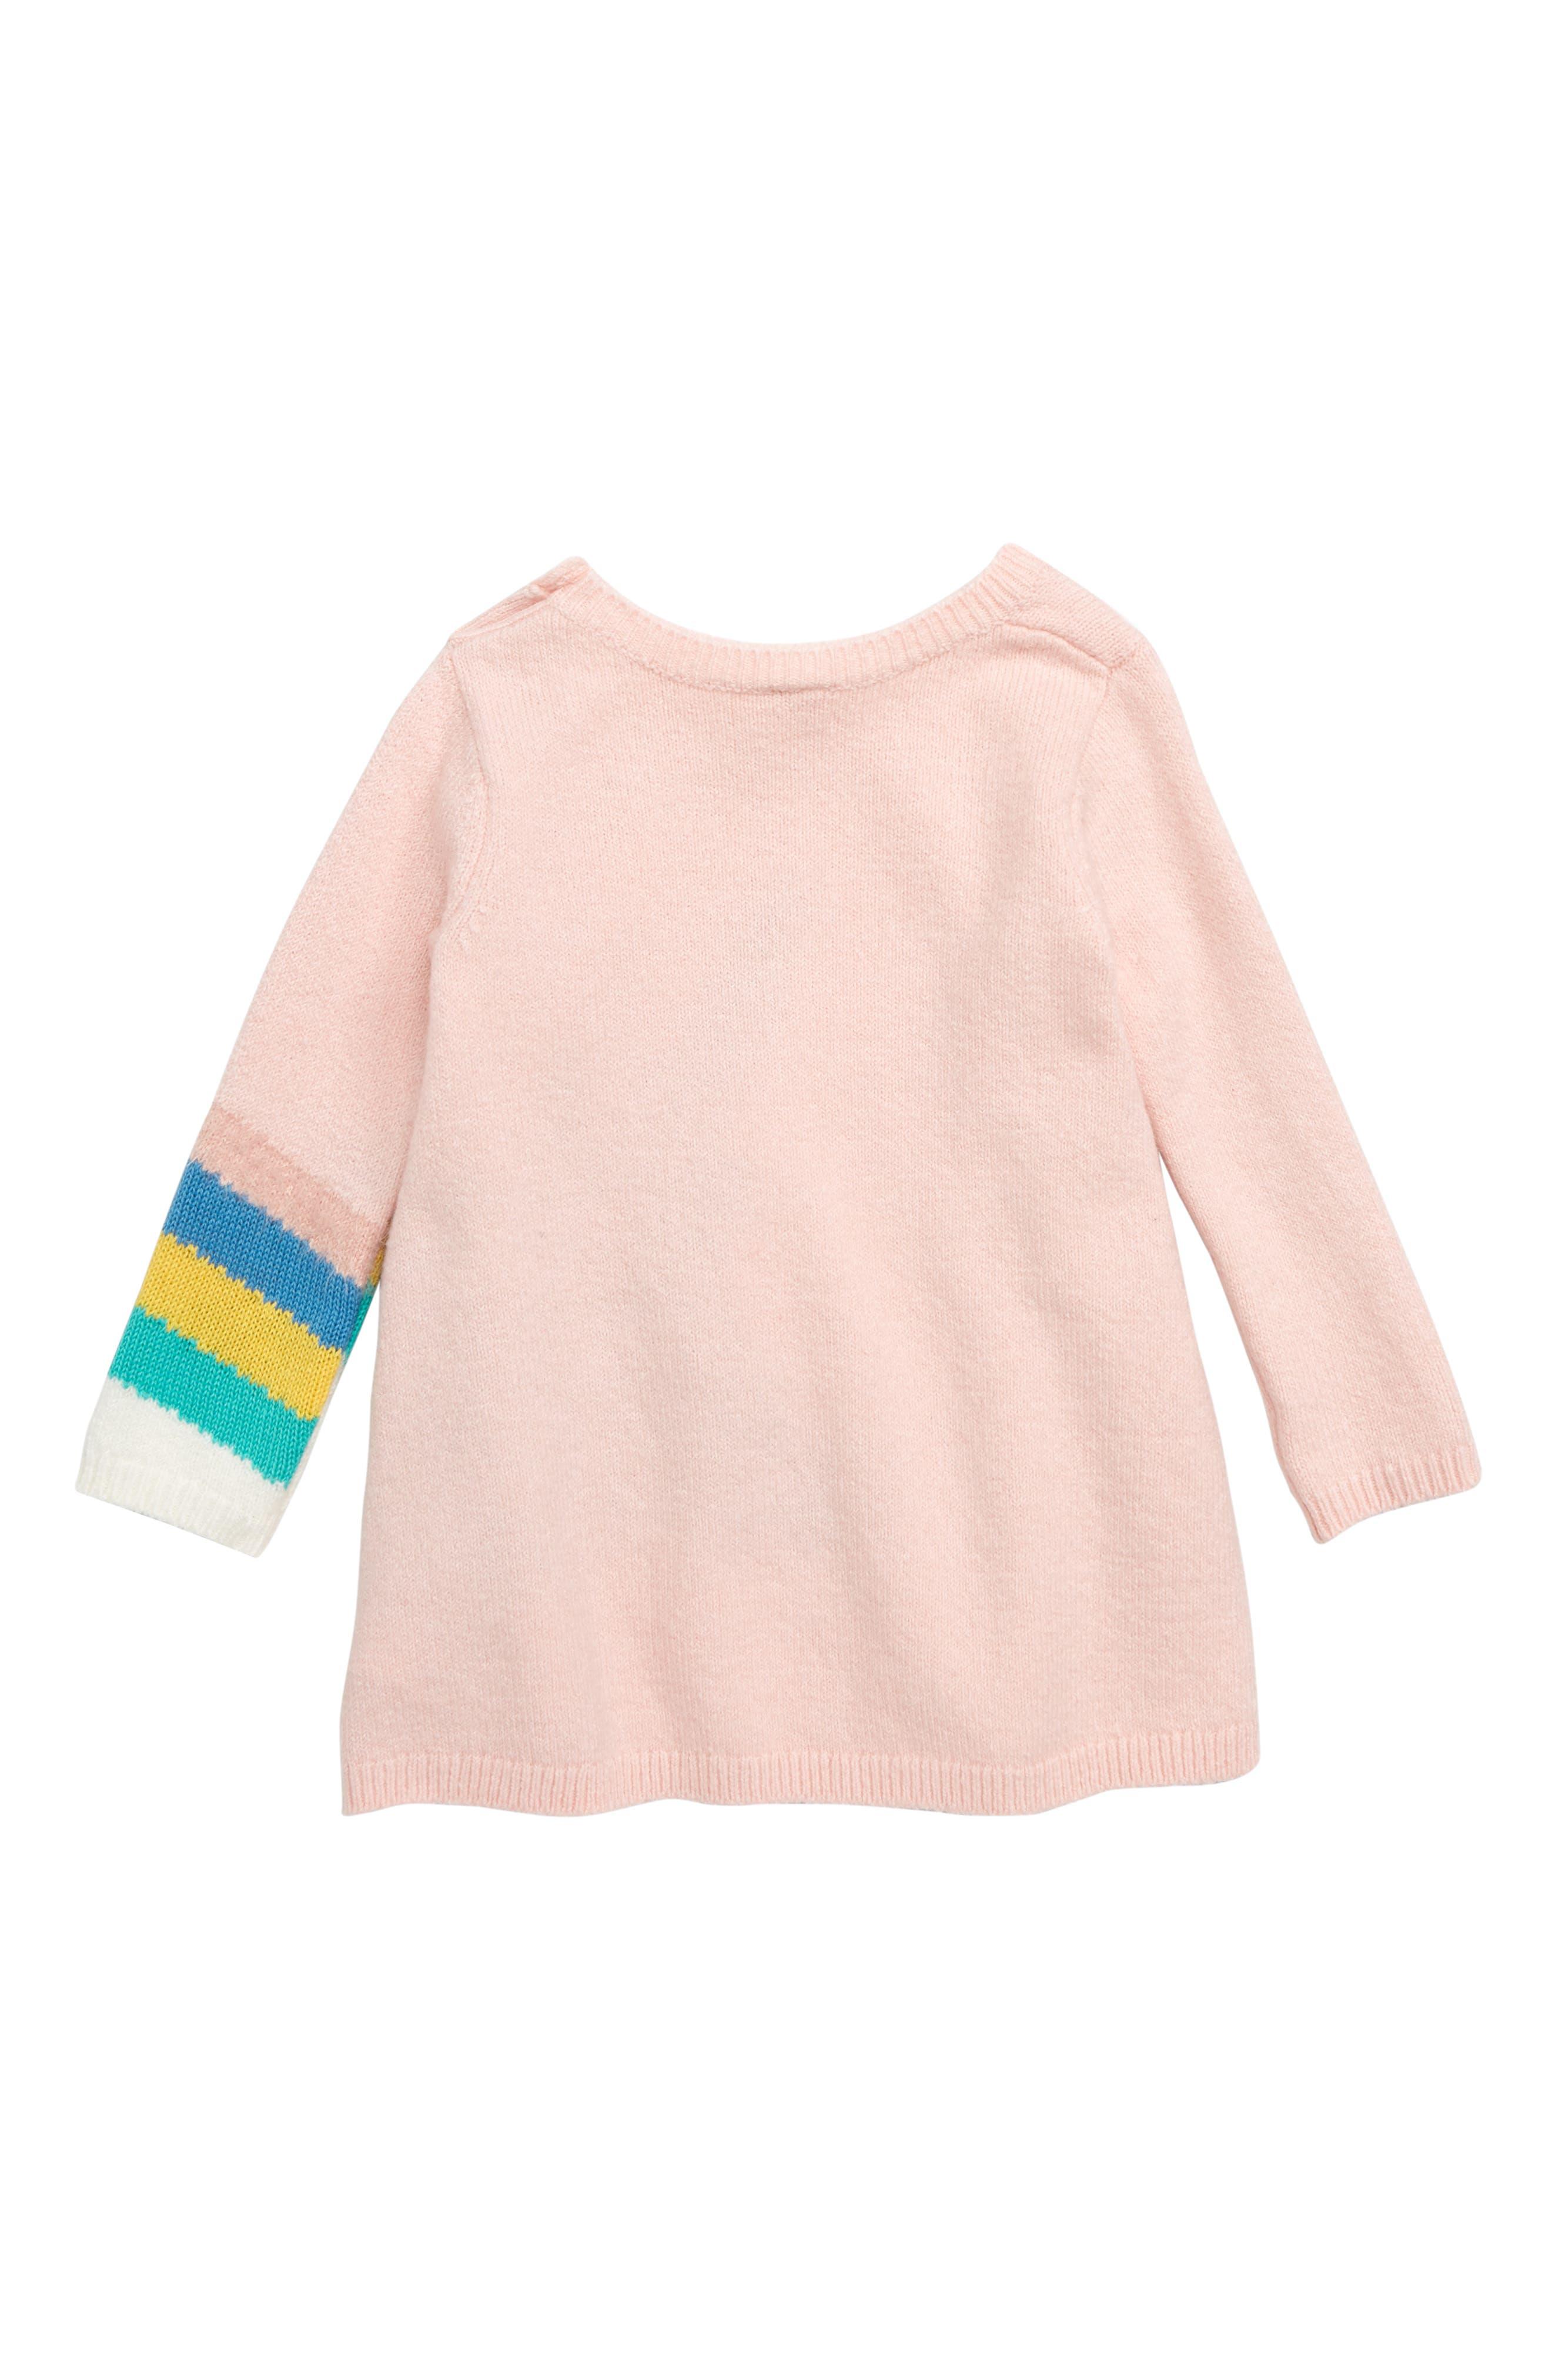 TUCKER + TATE,                             Unicorn Sweater Dress,                             Alternate thumbnail 2, color,                             680